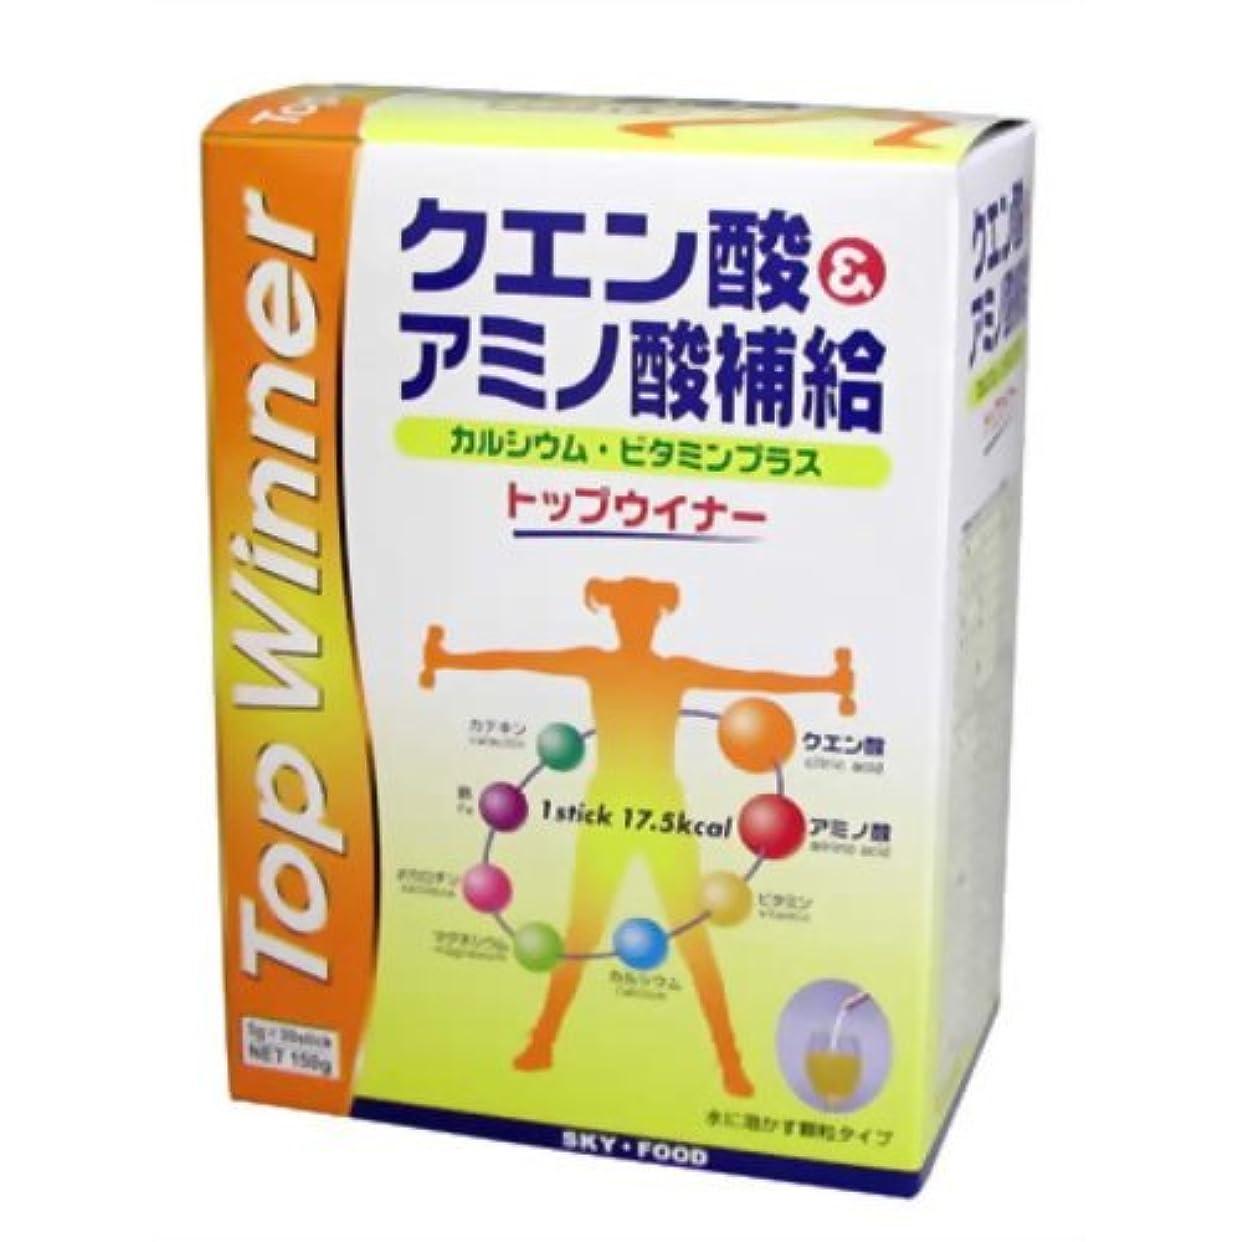 面積謙虚あえてクエン酸&アミノ酸補給 トップウィナー 5g×30袋